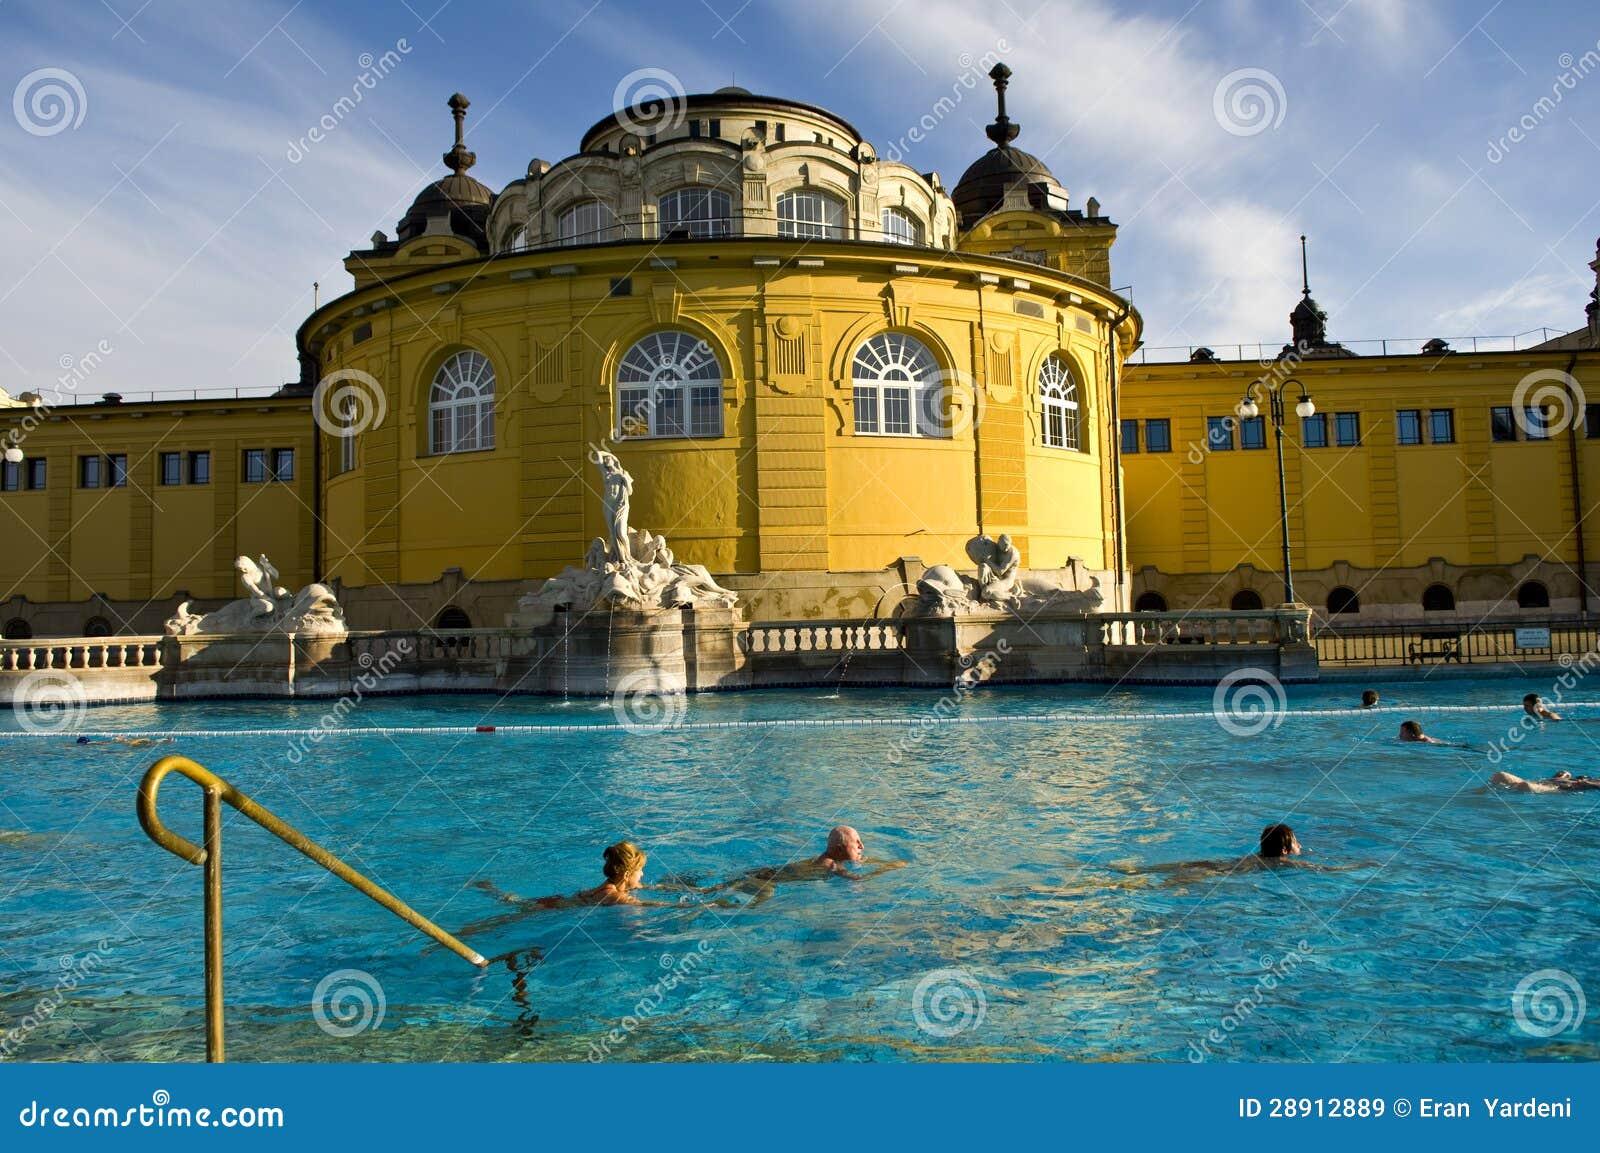 Het szechenyi thermische bad boedapest redactionele stock afbeelding beeld 28912889 for Foto in het bad